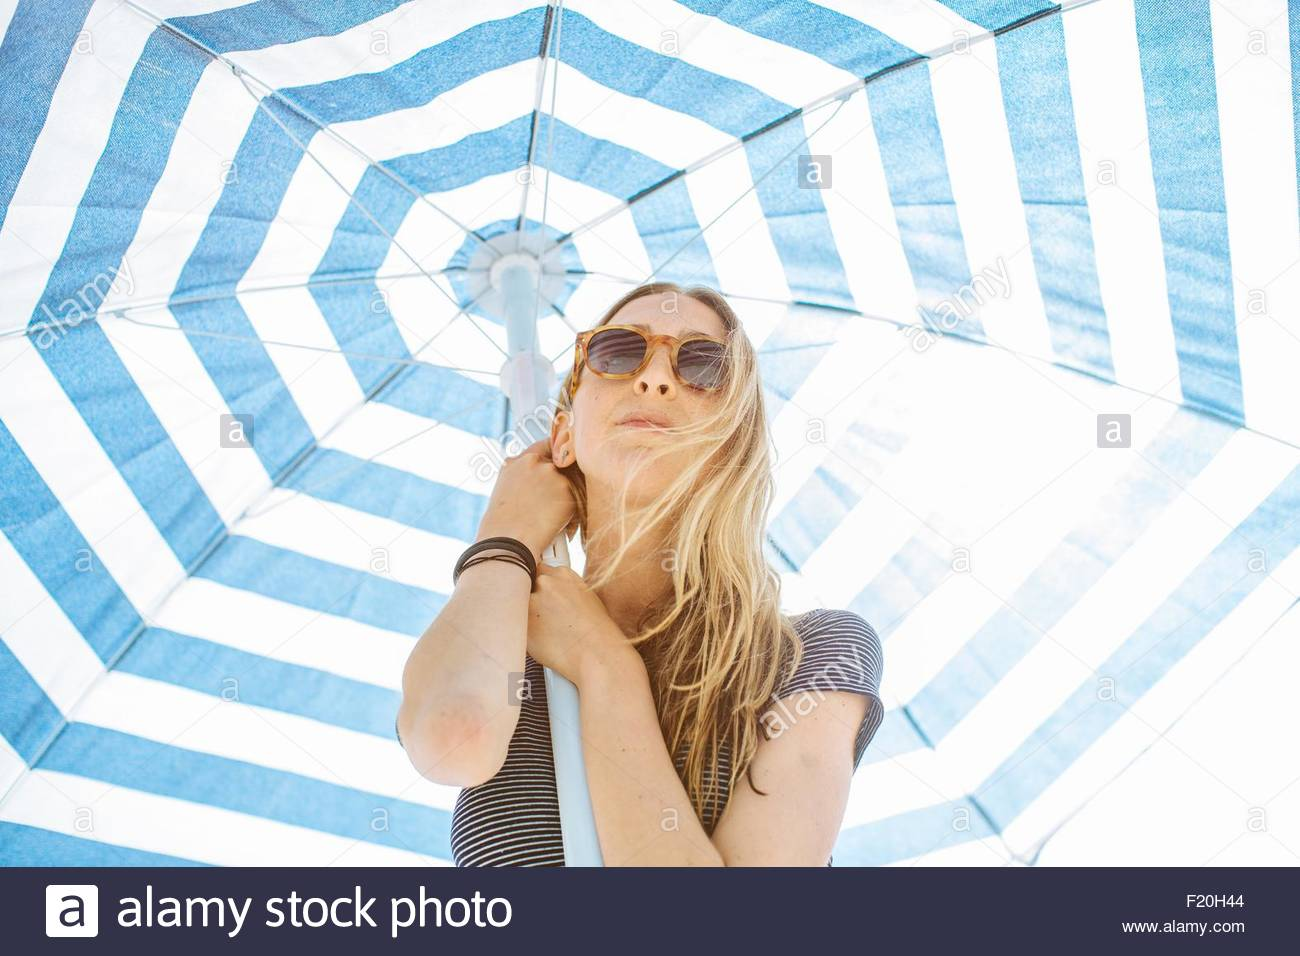 Niedrigen Winkel Porträt der jungen Frau hält gestreiften Sonnenschirm Stockbild